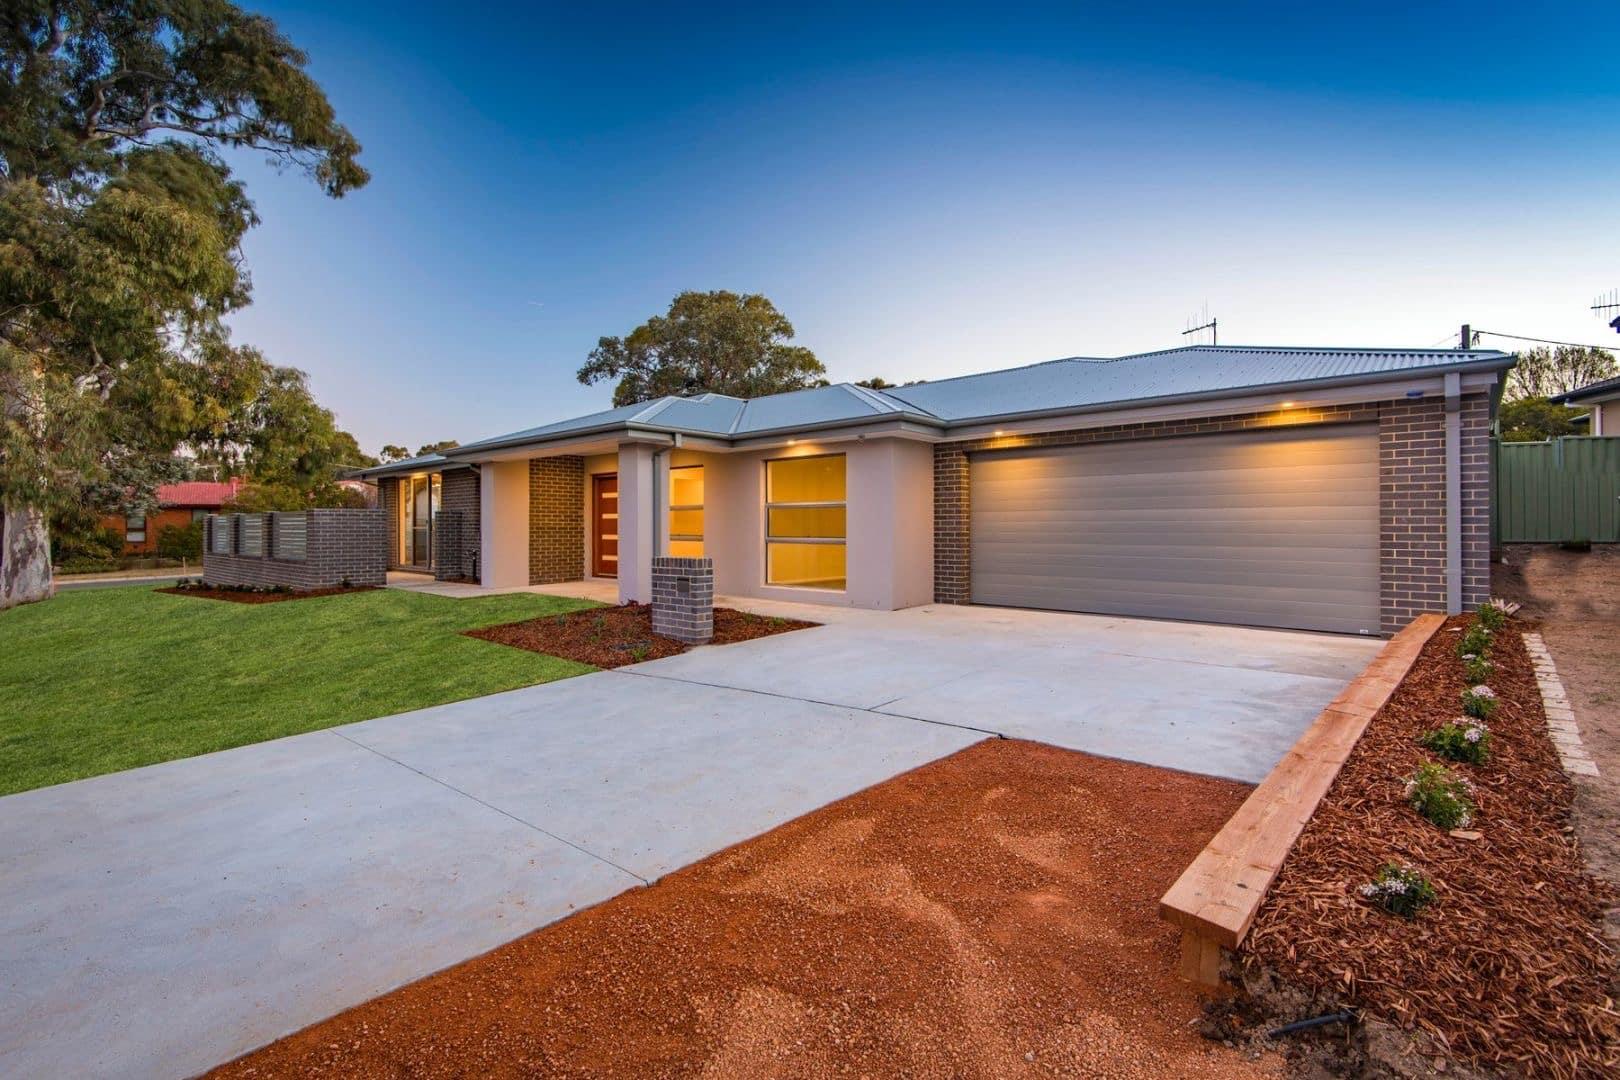 49 Contoh Desain Rumah Terbaru Dan Unik Cantik